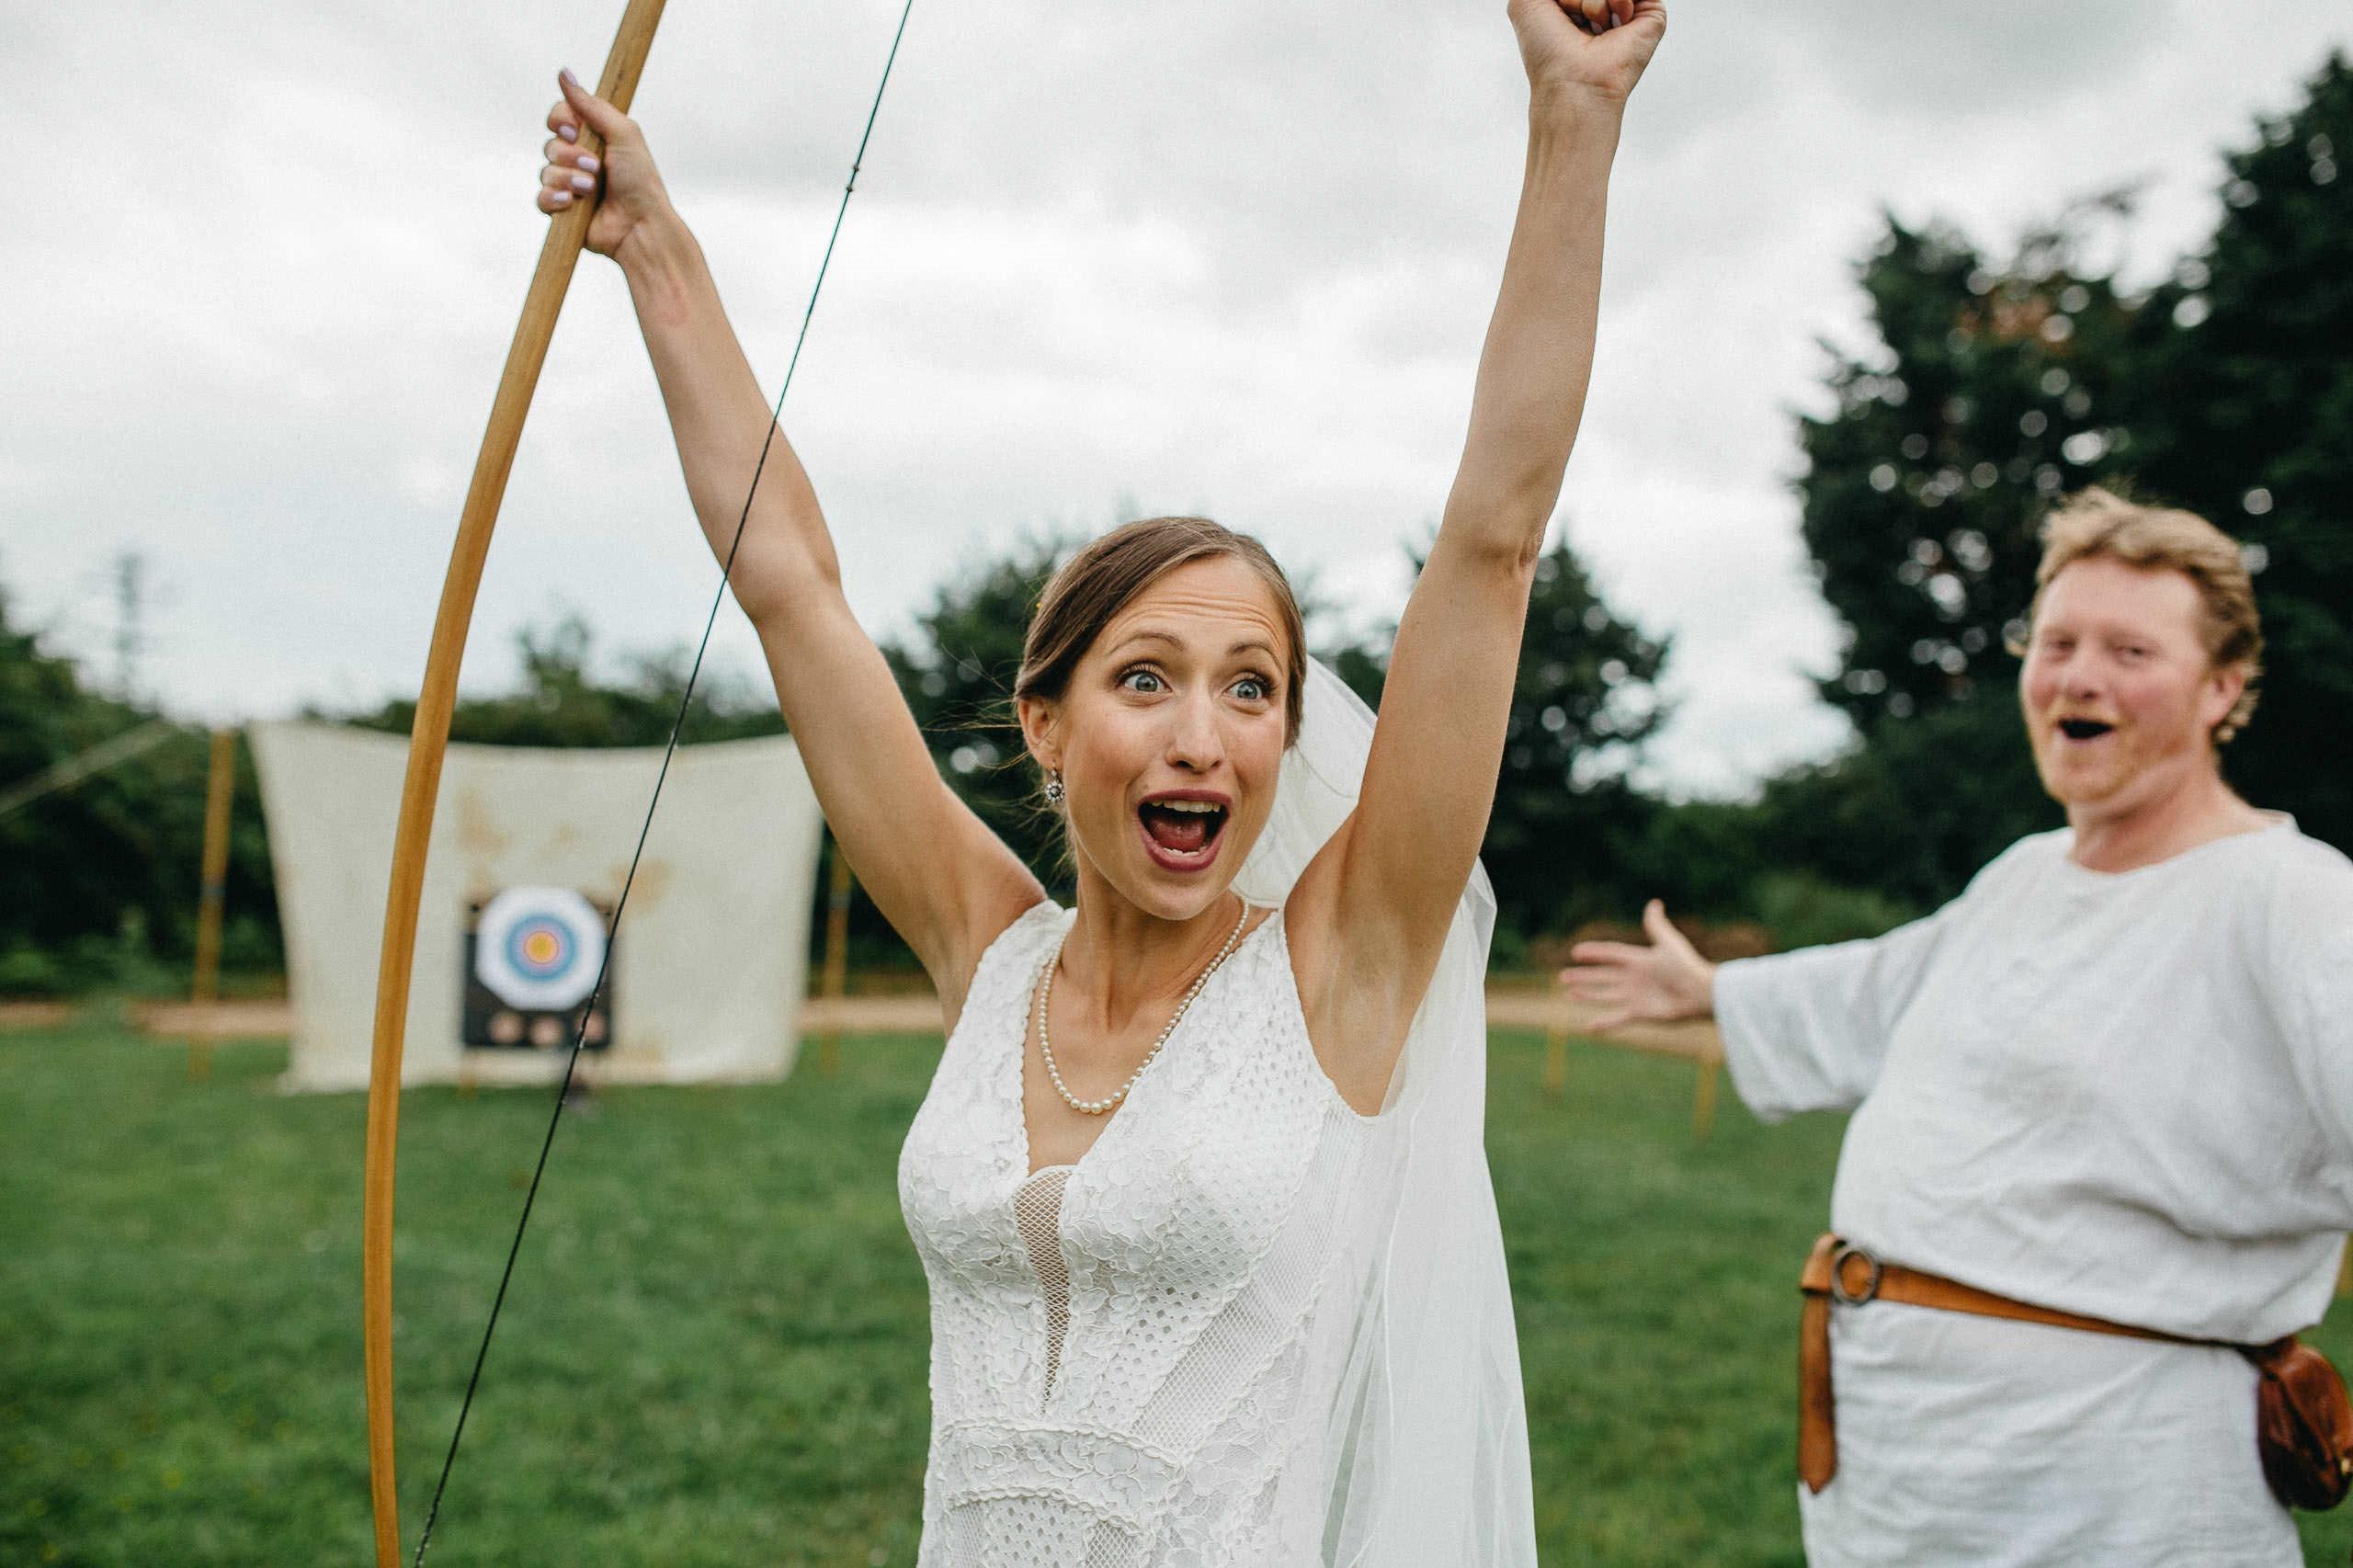 Jeux de mariage rigolo: tir à l'arc.